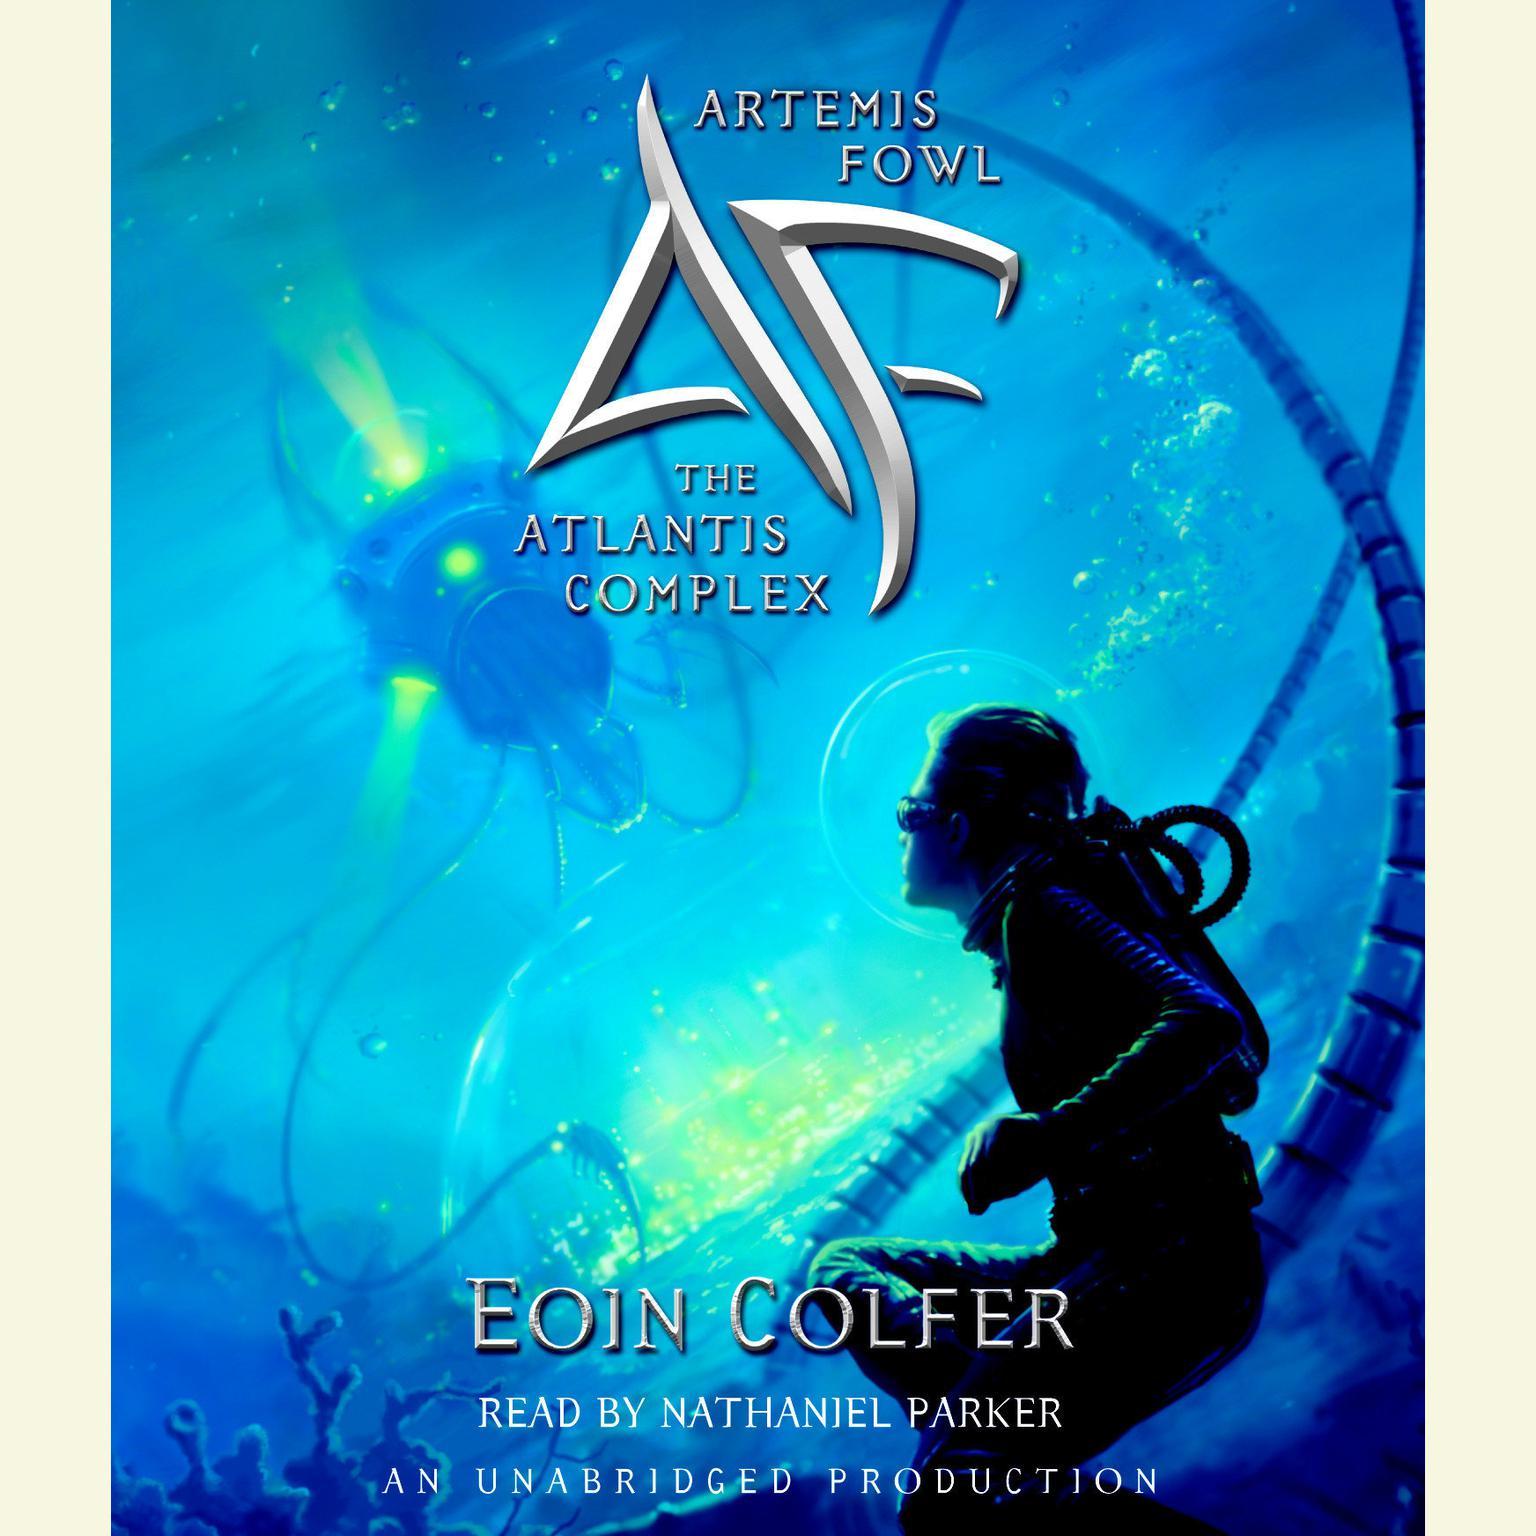 Artemis Fowl 7 The Atlantis Complex Audiobook